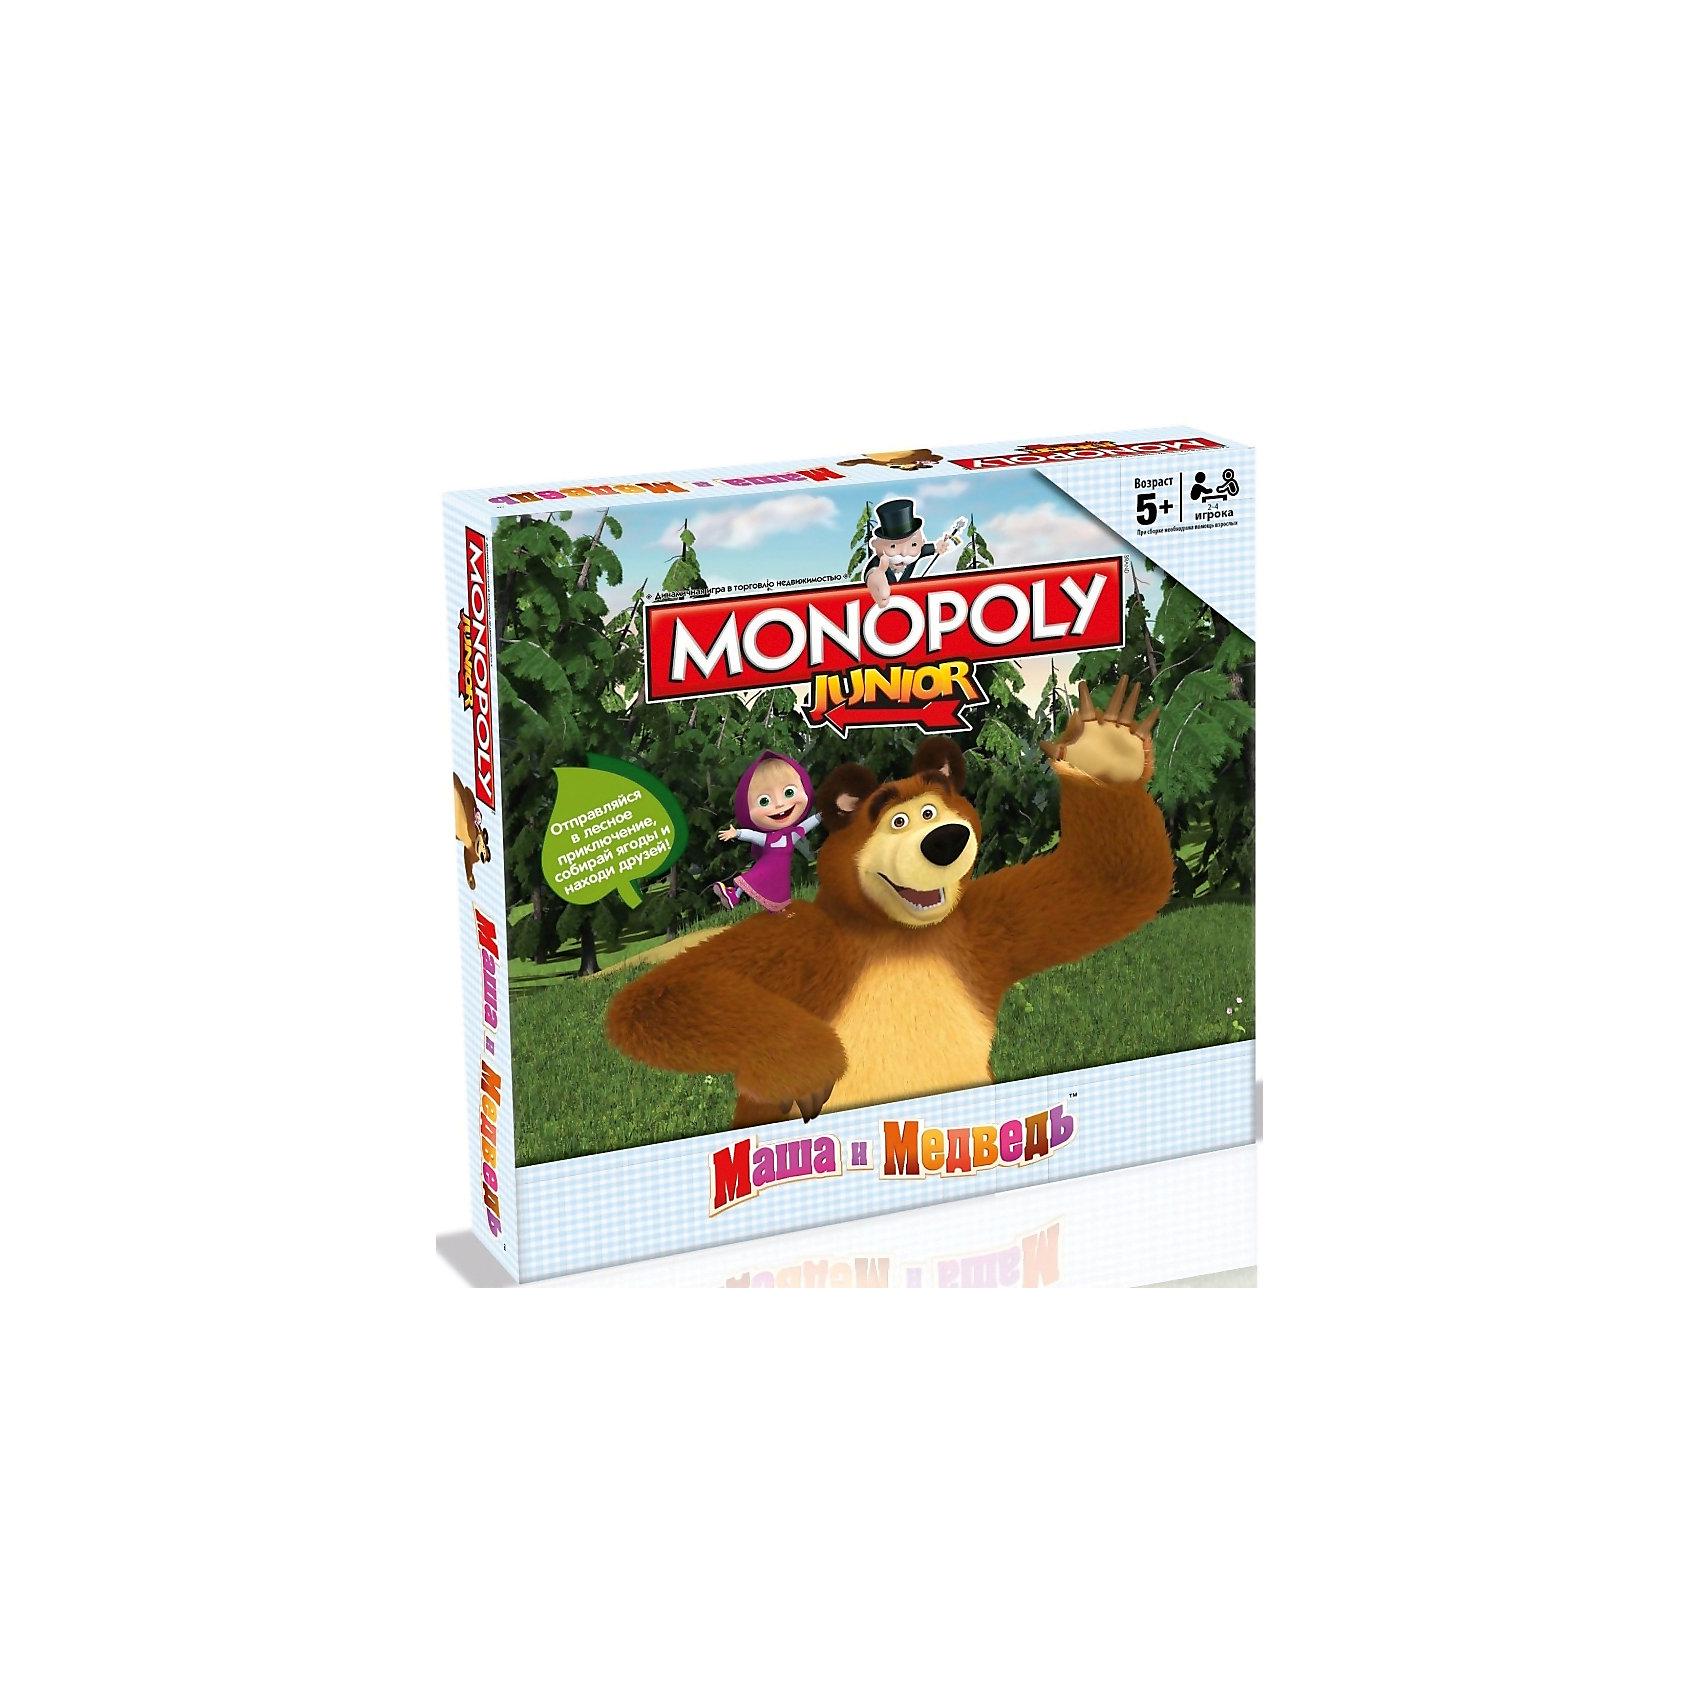 Настольная игра Монополия Маша и МедведьХарактеристики:<br><br>• вид настольной игры: монополия;<br>• количество игроков: от 2 до 4 человек;<br>• продолжительность игры: 60 минут;<br>• размер упаковки: 27x40x5 см.<br><br>Настольная игра «Монополия» оформлена в стиле популярного мультсериала для детей «Маша и Медведь». Знаменитые персонажи встречаются на игровом поле, покупают, продают и помогают игрокам заработать свои «миллионы». <br><br>Комплектация настольной игры Monopoly Junior: <br><br>• Игровое поле,<br>• 32 карточки Дома,<br>• 16 карточек Лесные приключения,<br>• 16 карточек Машины друзья,<br>• 70 карточек Ягоды,<br>• 4 фишки,<br>• 1 банка варенья,<br>• 1 кубик,<br>• правила игры.<br><br>Настольную игру Монополия Маша и Медведь, можно купить в нашем интернет-магазине.<br><br>Ширина мм: 270<br>Глубина мм: 270<br>Высота мм: 50<br>Вес г: 610<br>Возраст от месяцев: 60<br>Возраст до месяцев: 2147483647<br>Пол: Унисекс<br>Возраст: Детский<br>SKU: 5236171